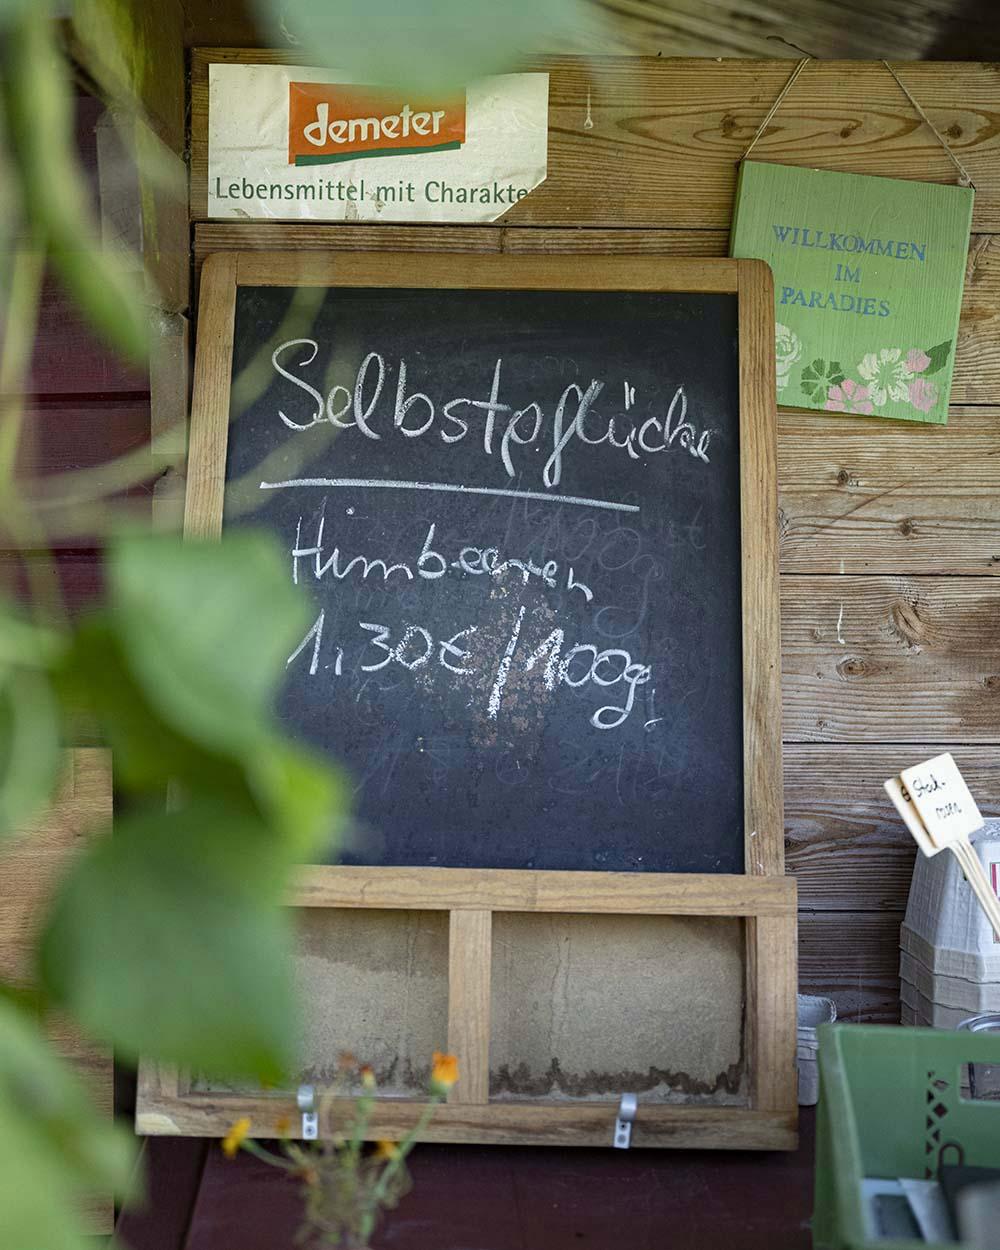 In der Gärtnerei, in der wir unsere Himbeeren pflücken, steht eine Kreidetafel an eine Wad gelehnt. Darauf hat die Gärtnerin die Preise für die selbstgepflückten Himbeeren geschrieben.